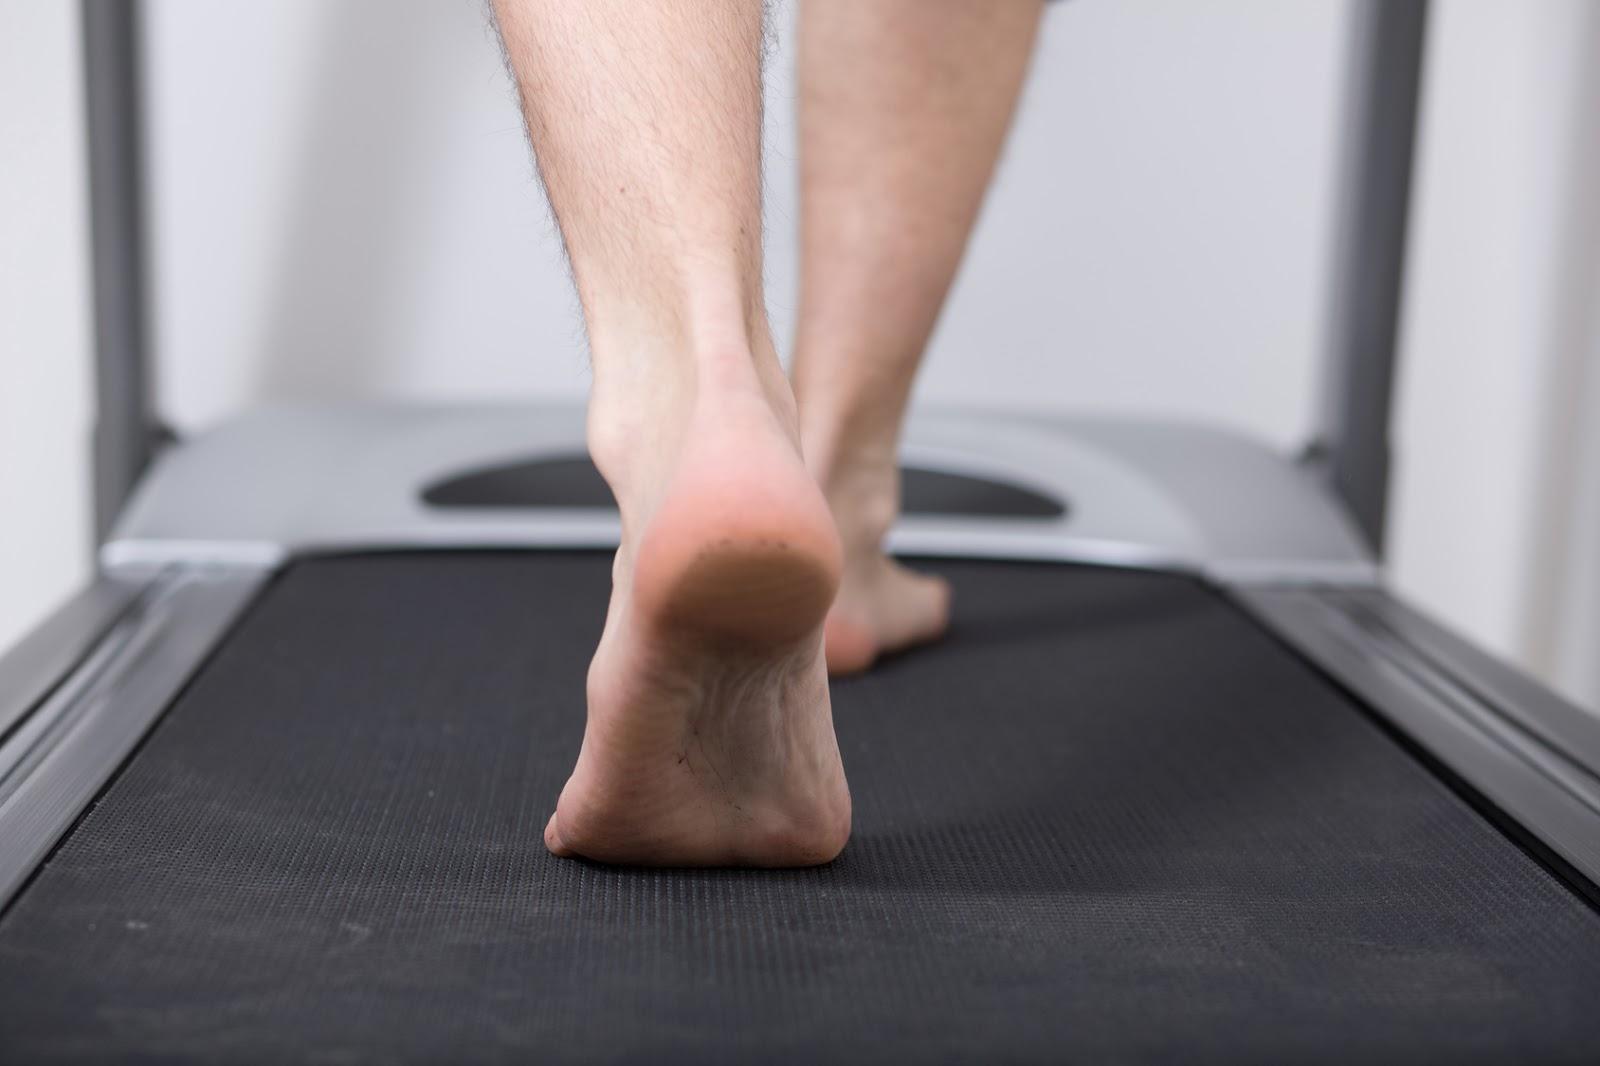 Entrenar descalzo en cintas de correr previene lesiones